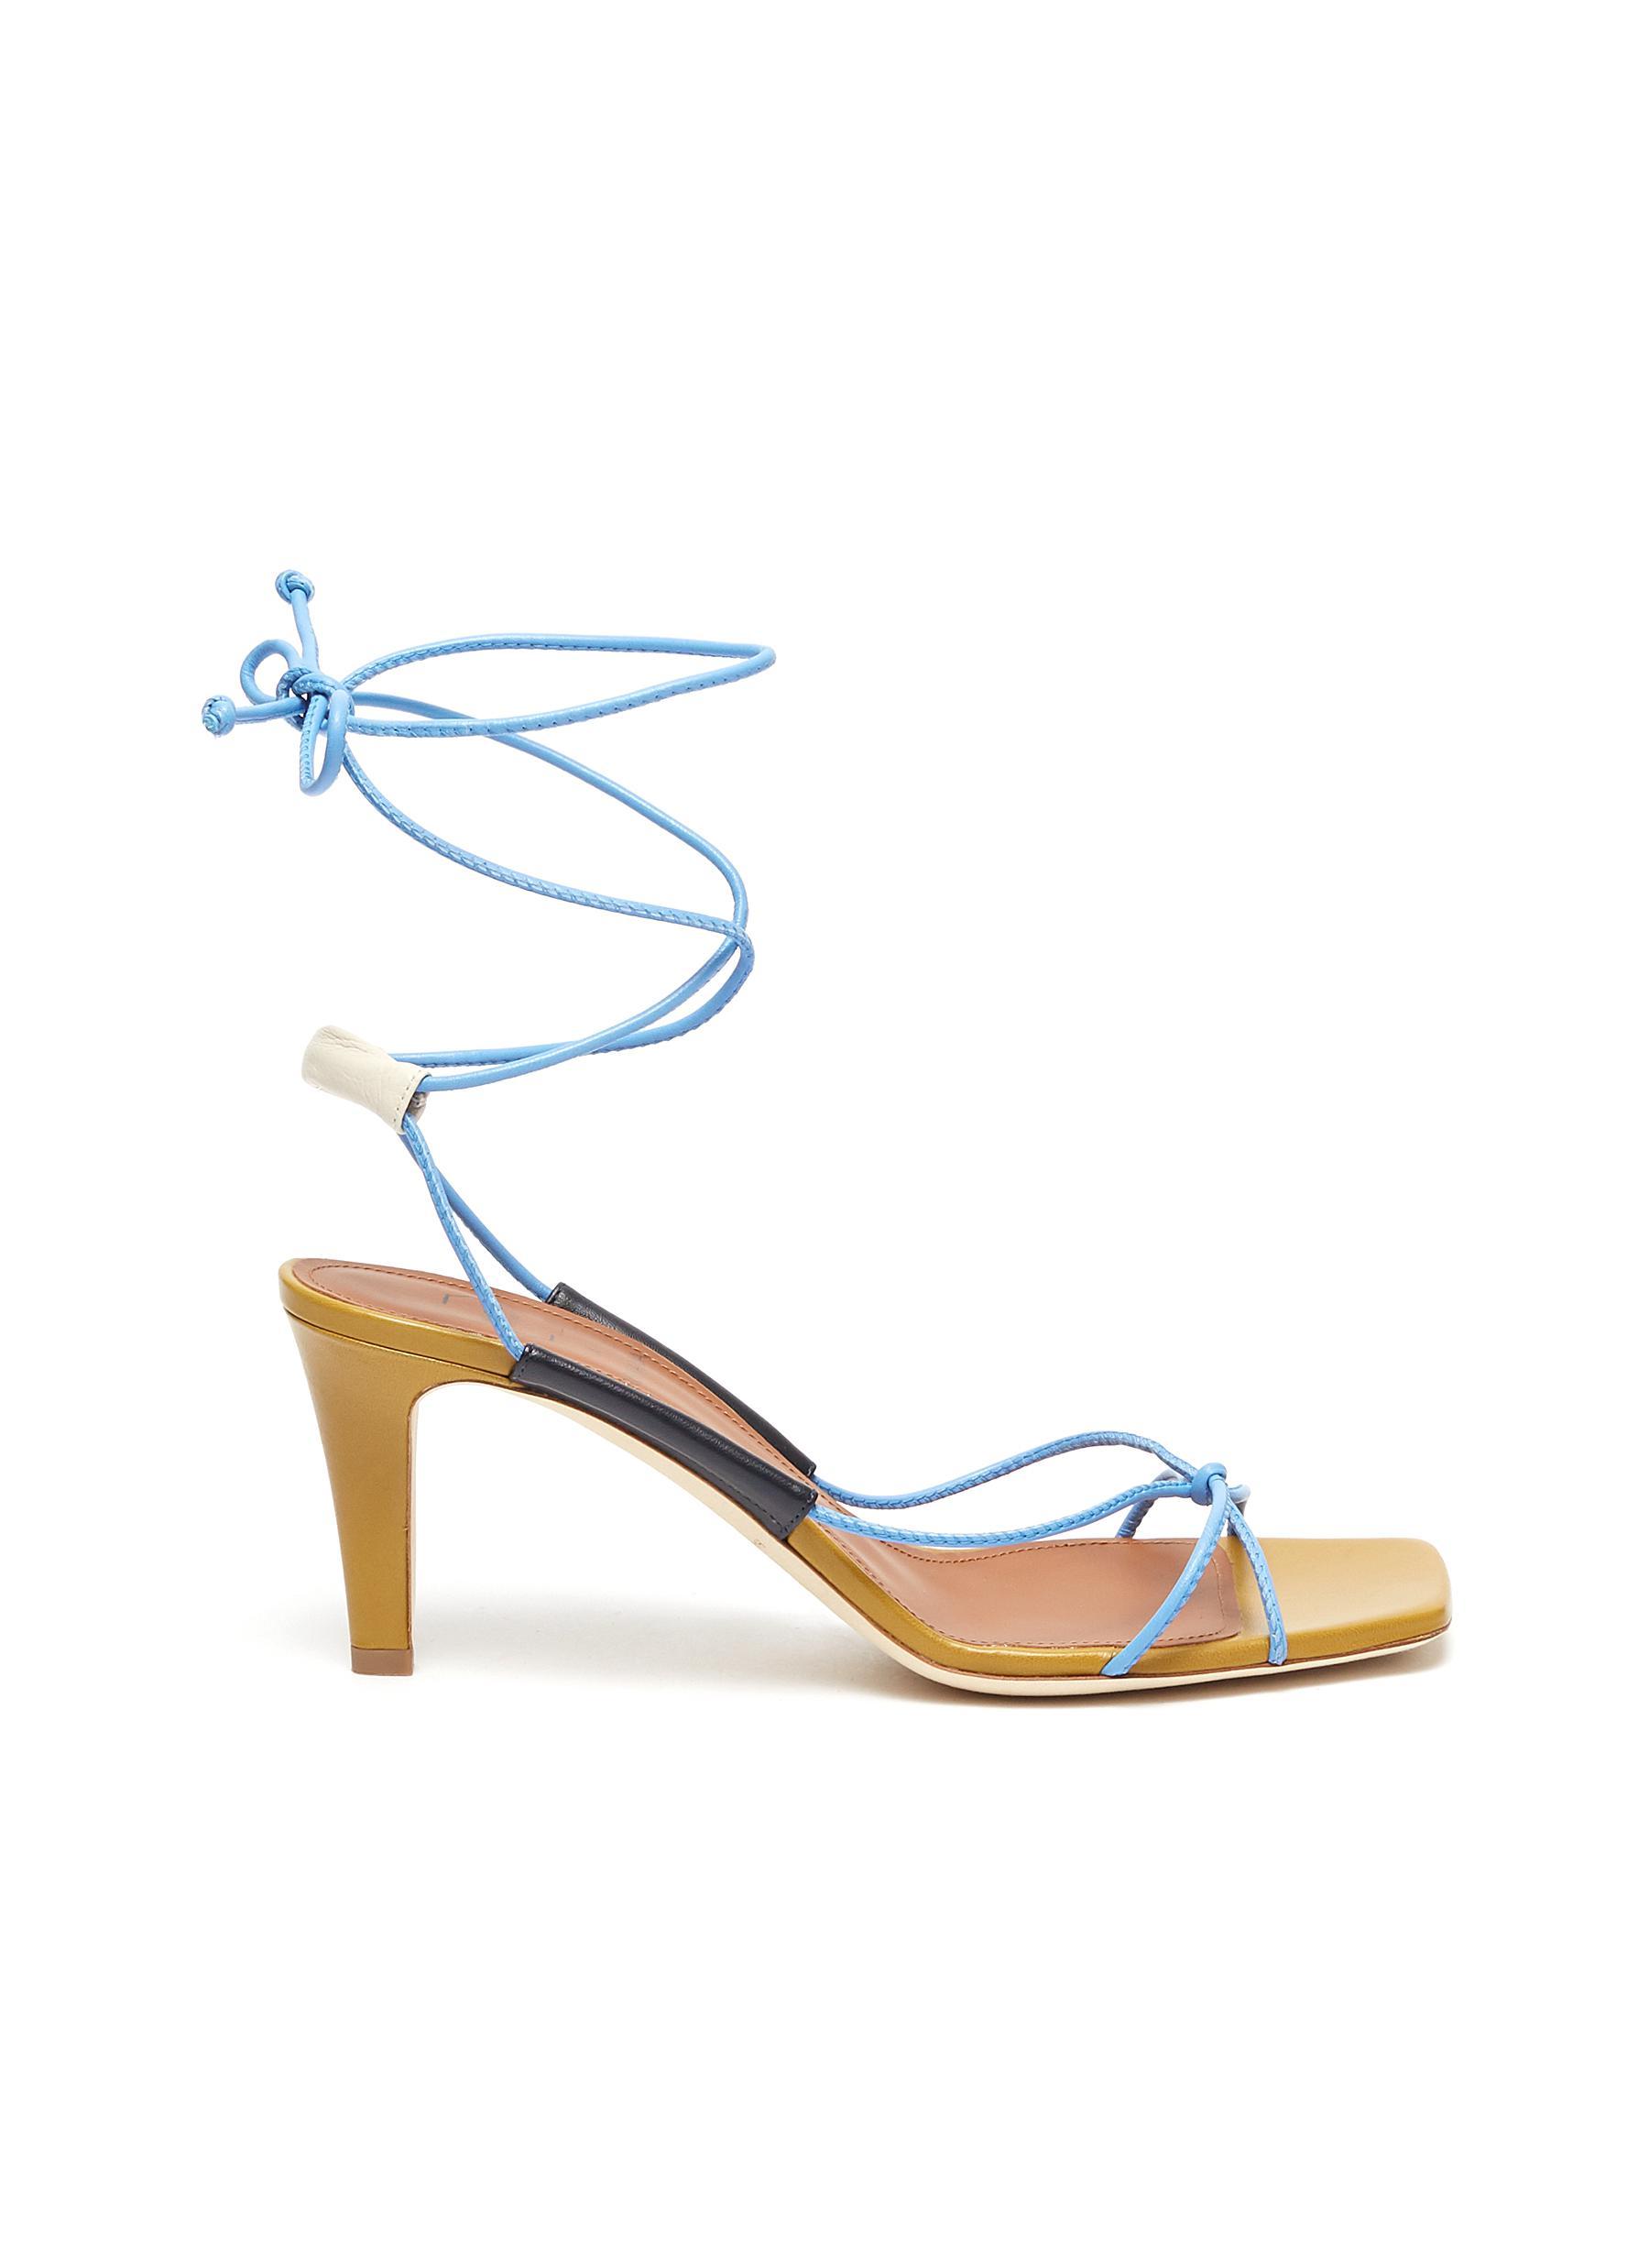 x Roksanda Camila wrap around tie strappy leather sandals by Malone Souliers